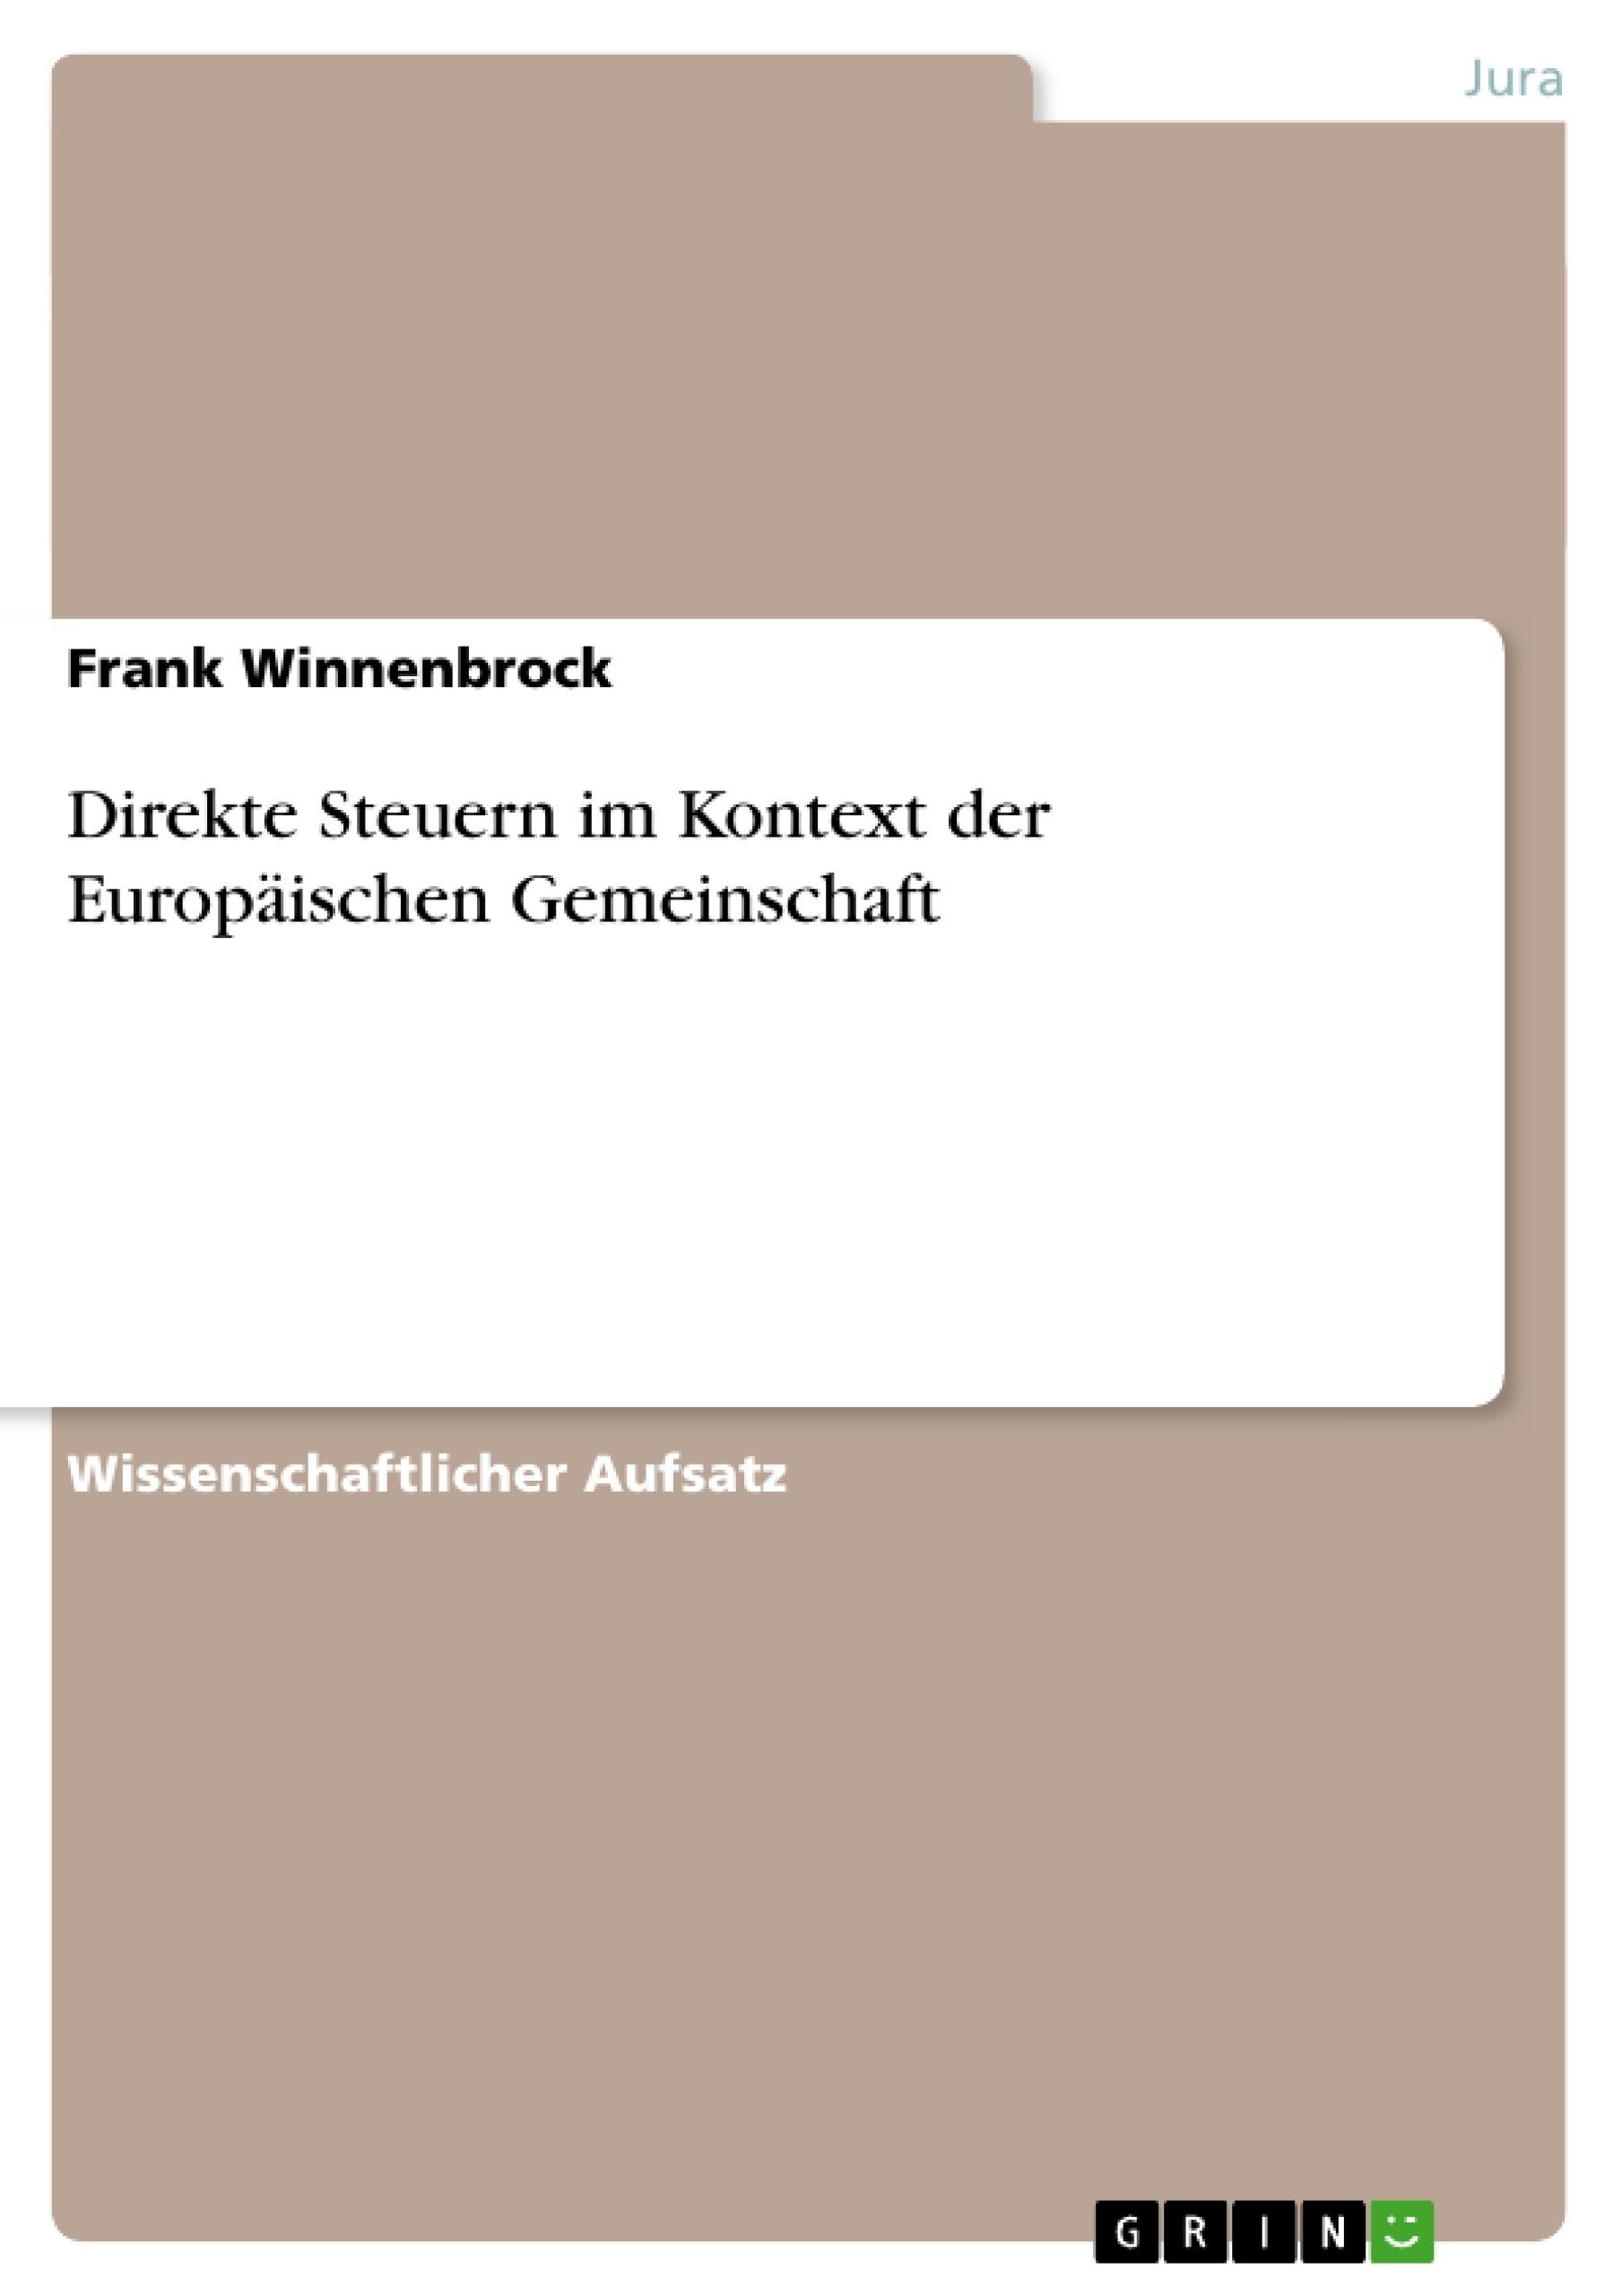 Titel: Direkte Steuern im Kontext der Europäischen Gemeinschaft